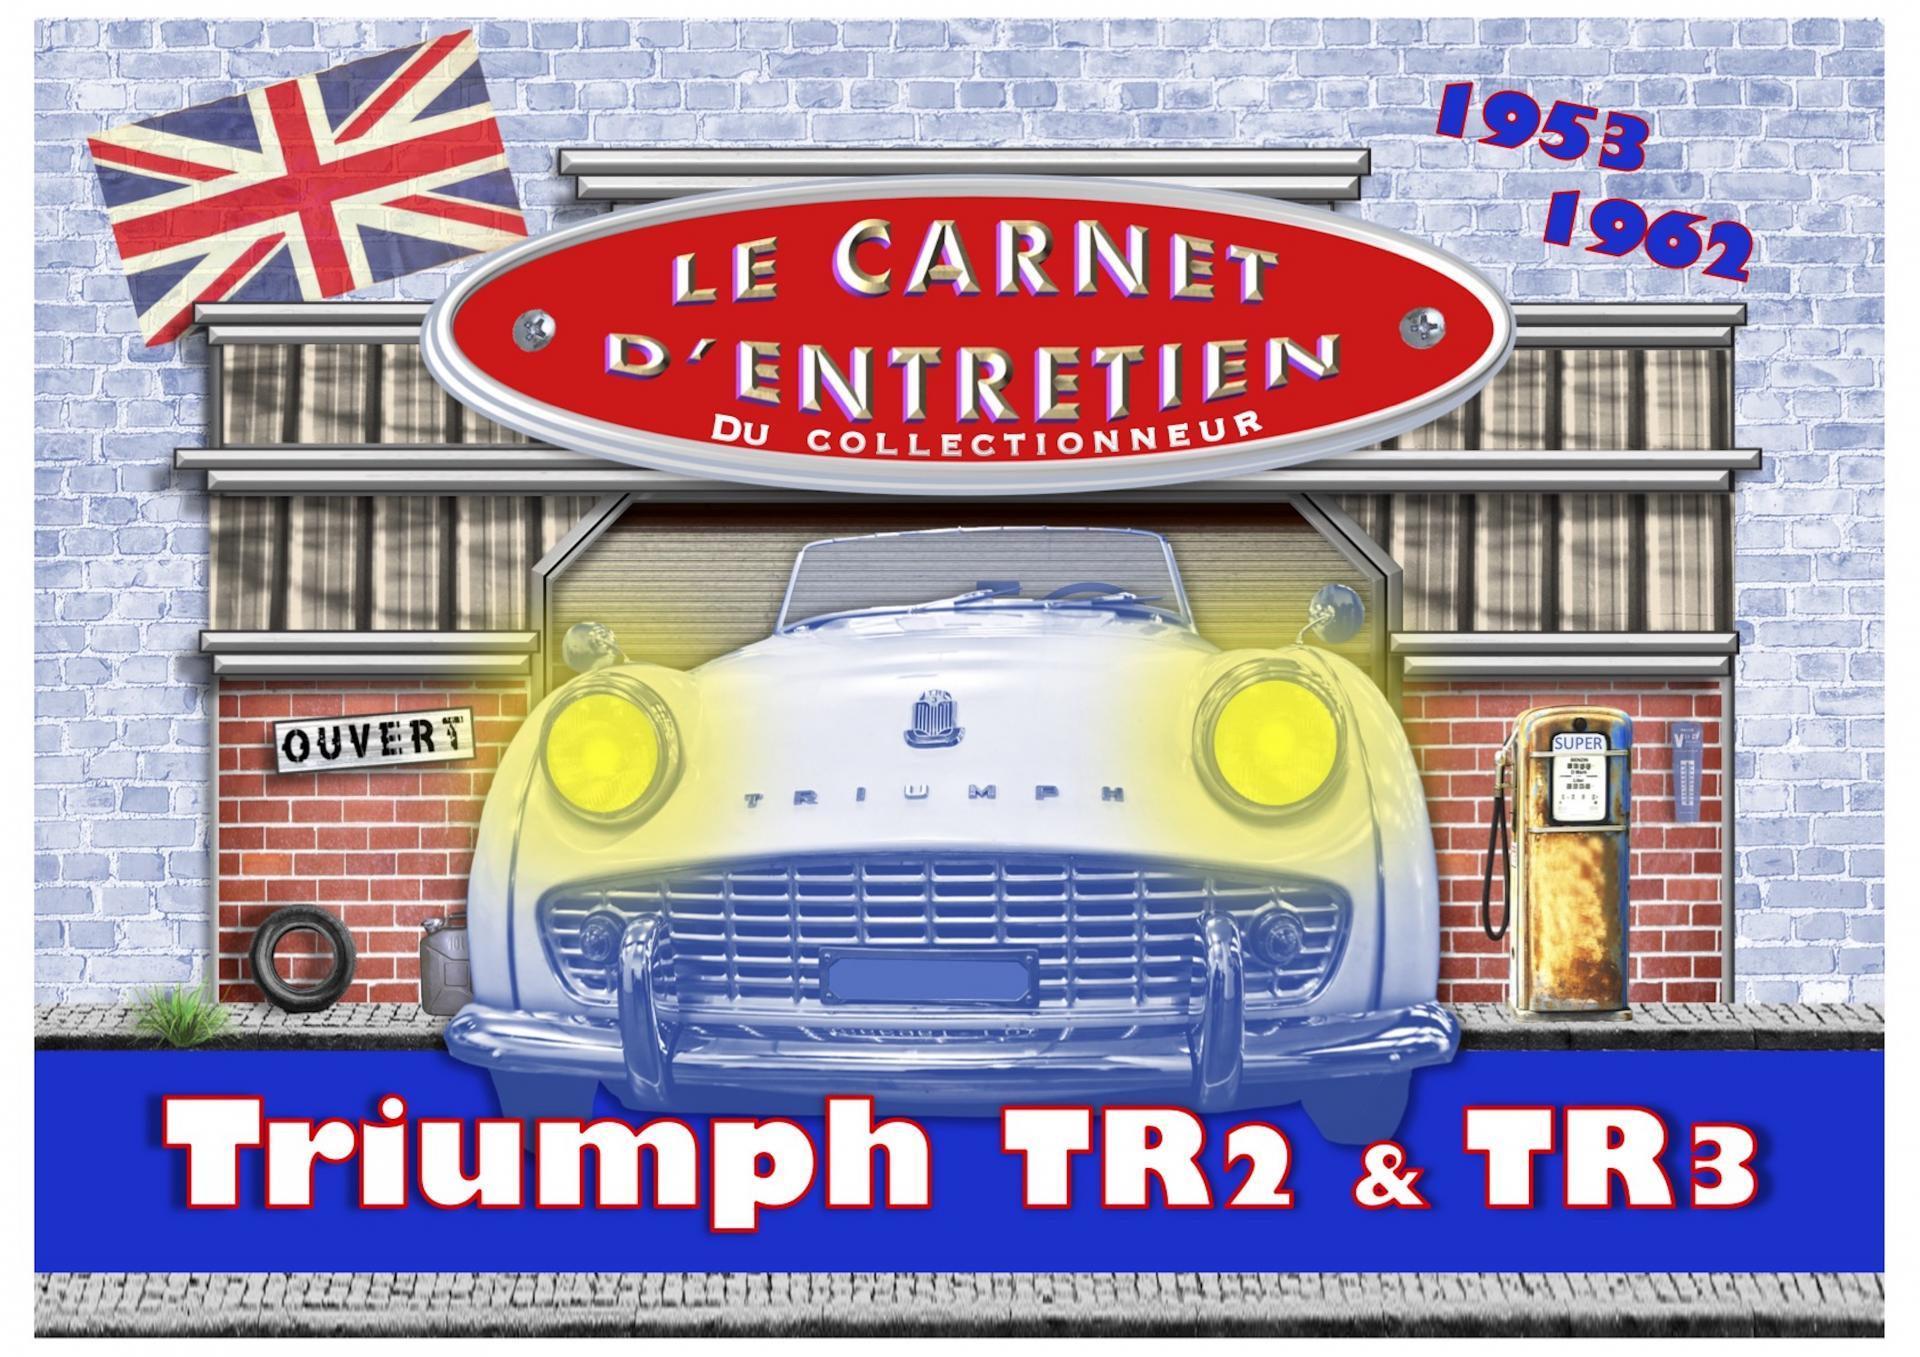 Carnet d entretien triumph tr3